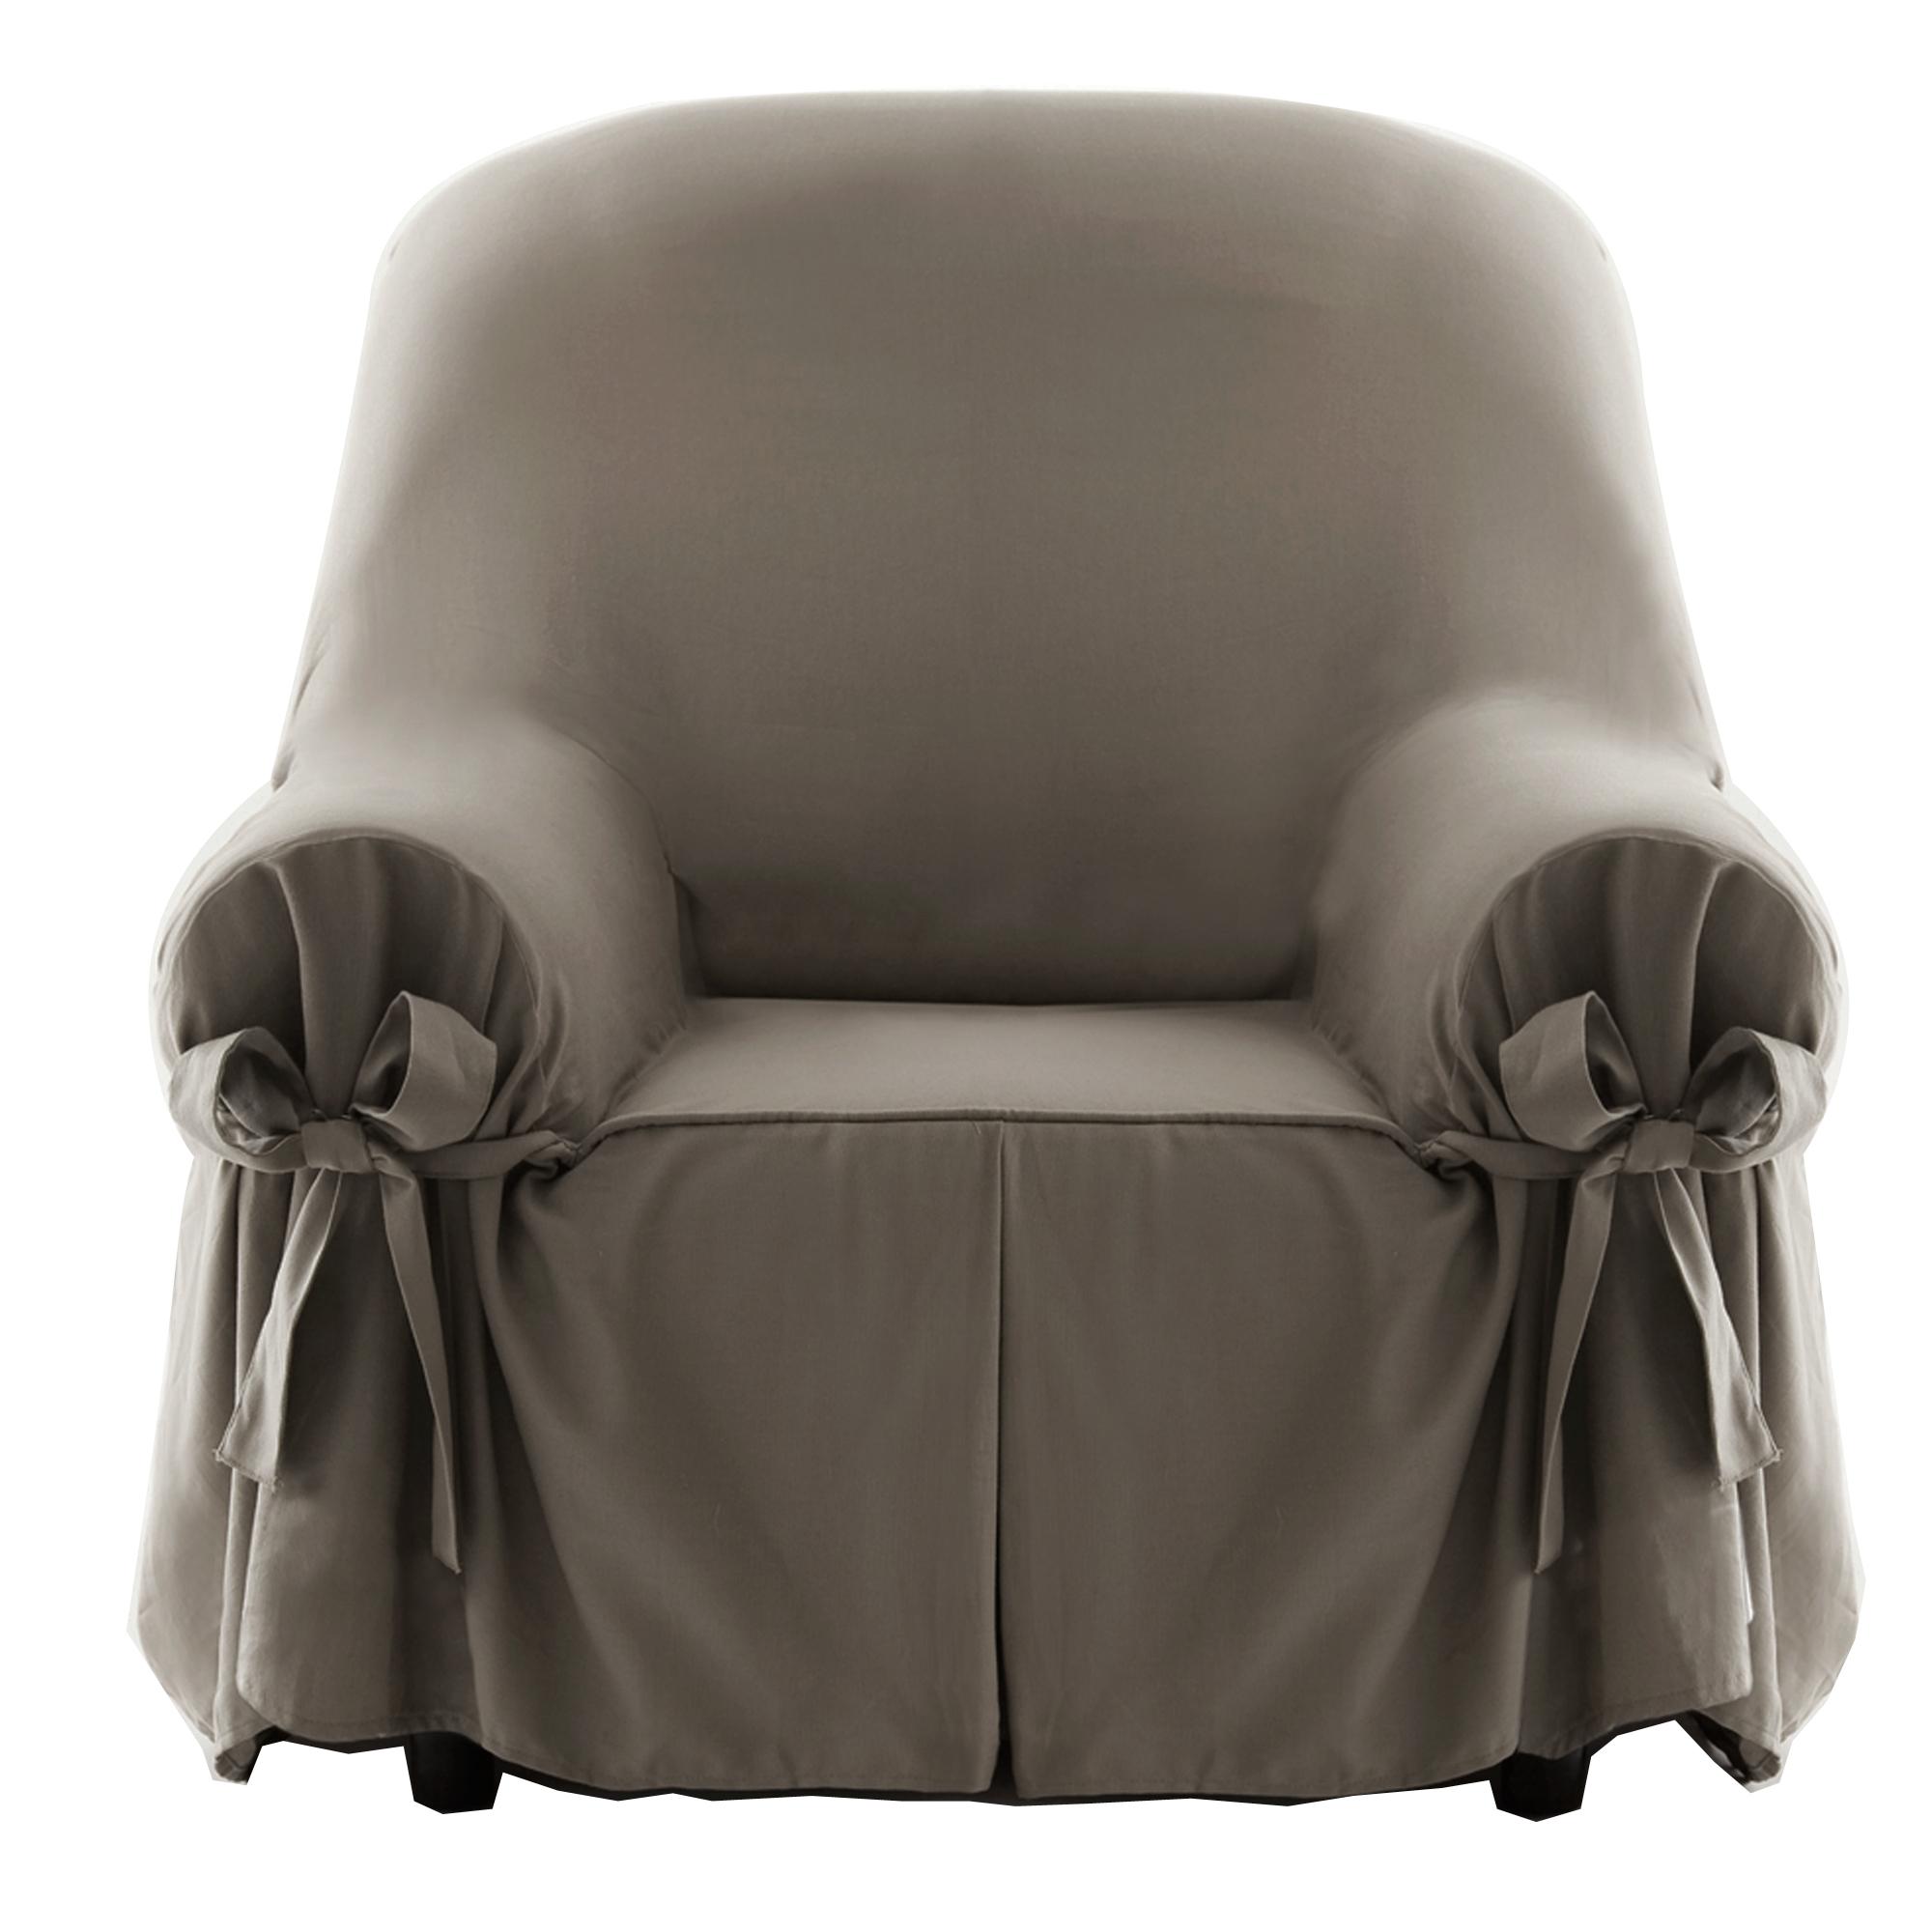 housse fauteuil lona perle acheter ce produit au meilleur prix. Black Bedroom Furniture Sets. Home Design Ideas